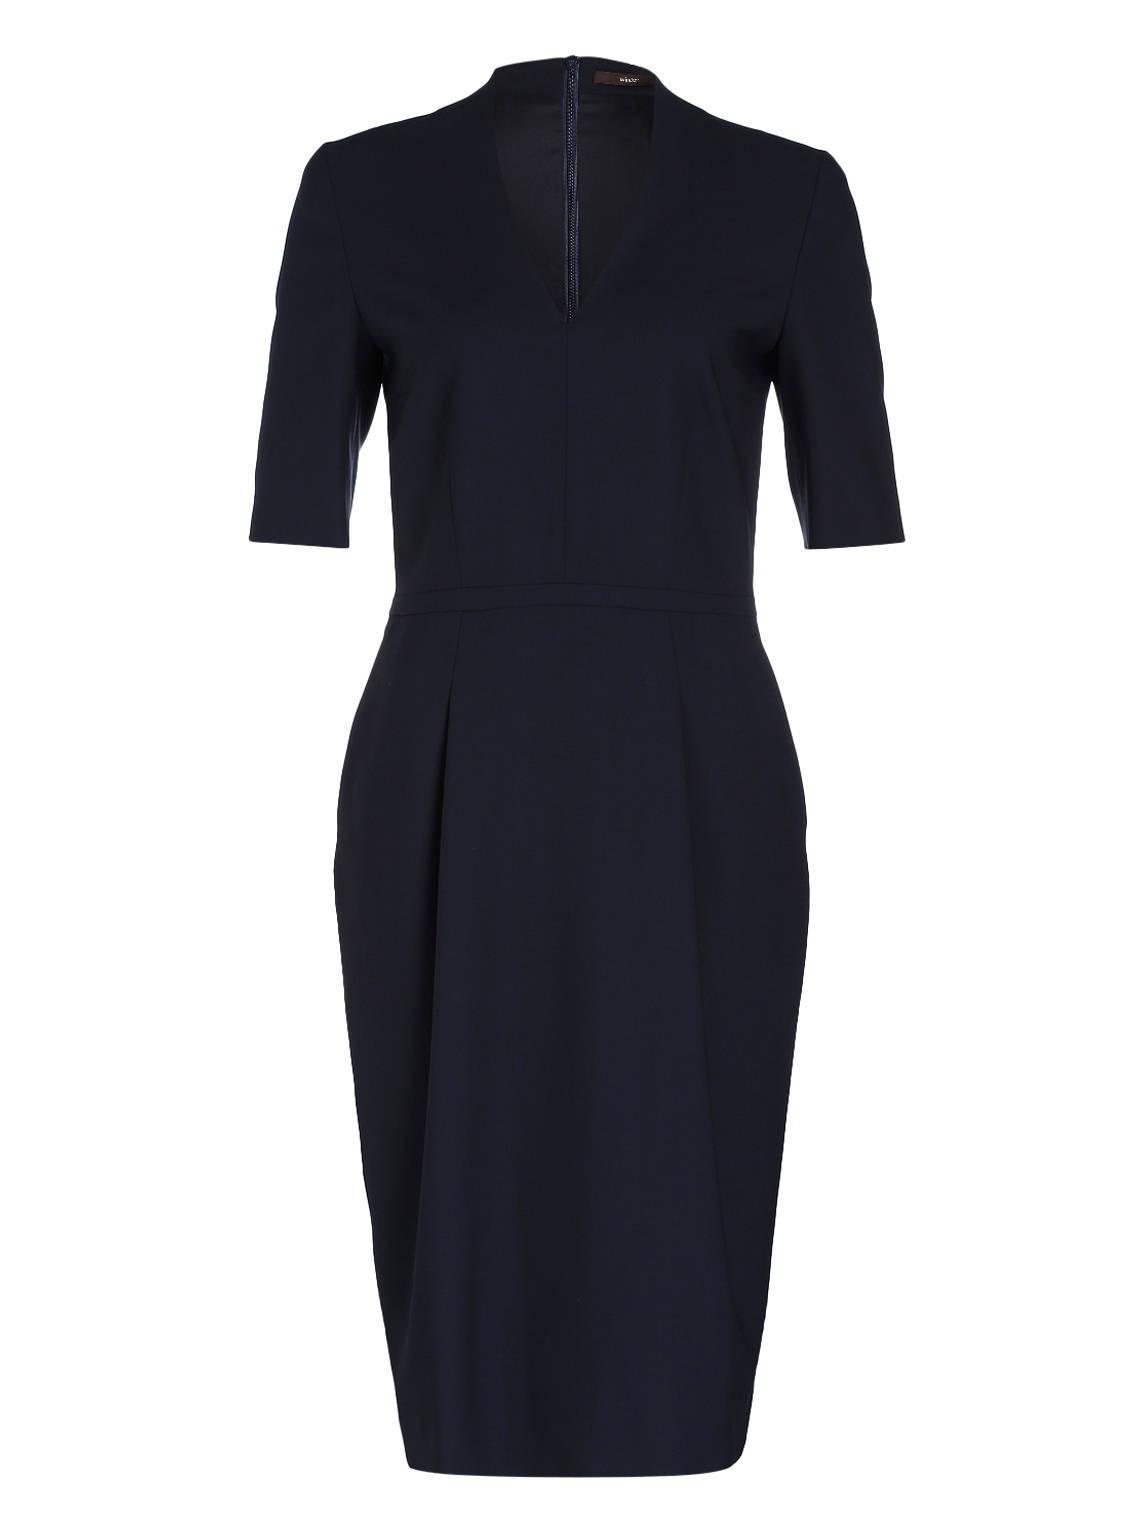 17 Luxurius Kleid Dunkelblau Knielang BoutiqueDesigner Schön Kleid Dunkelblau Knielang Design